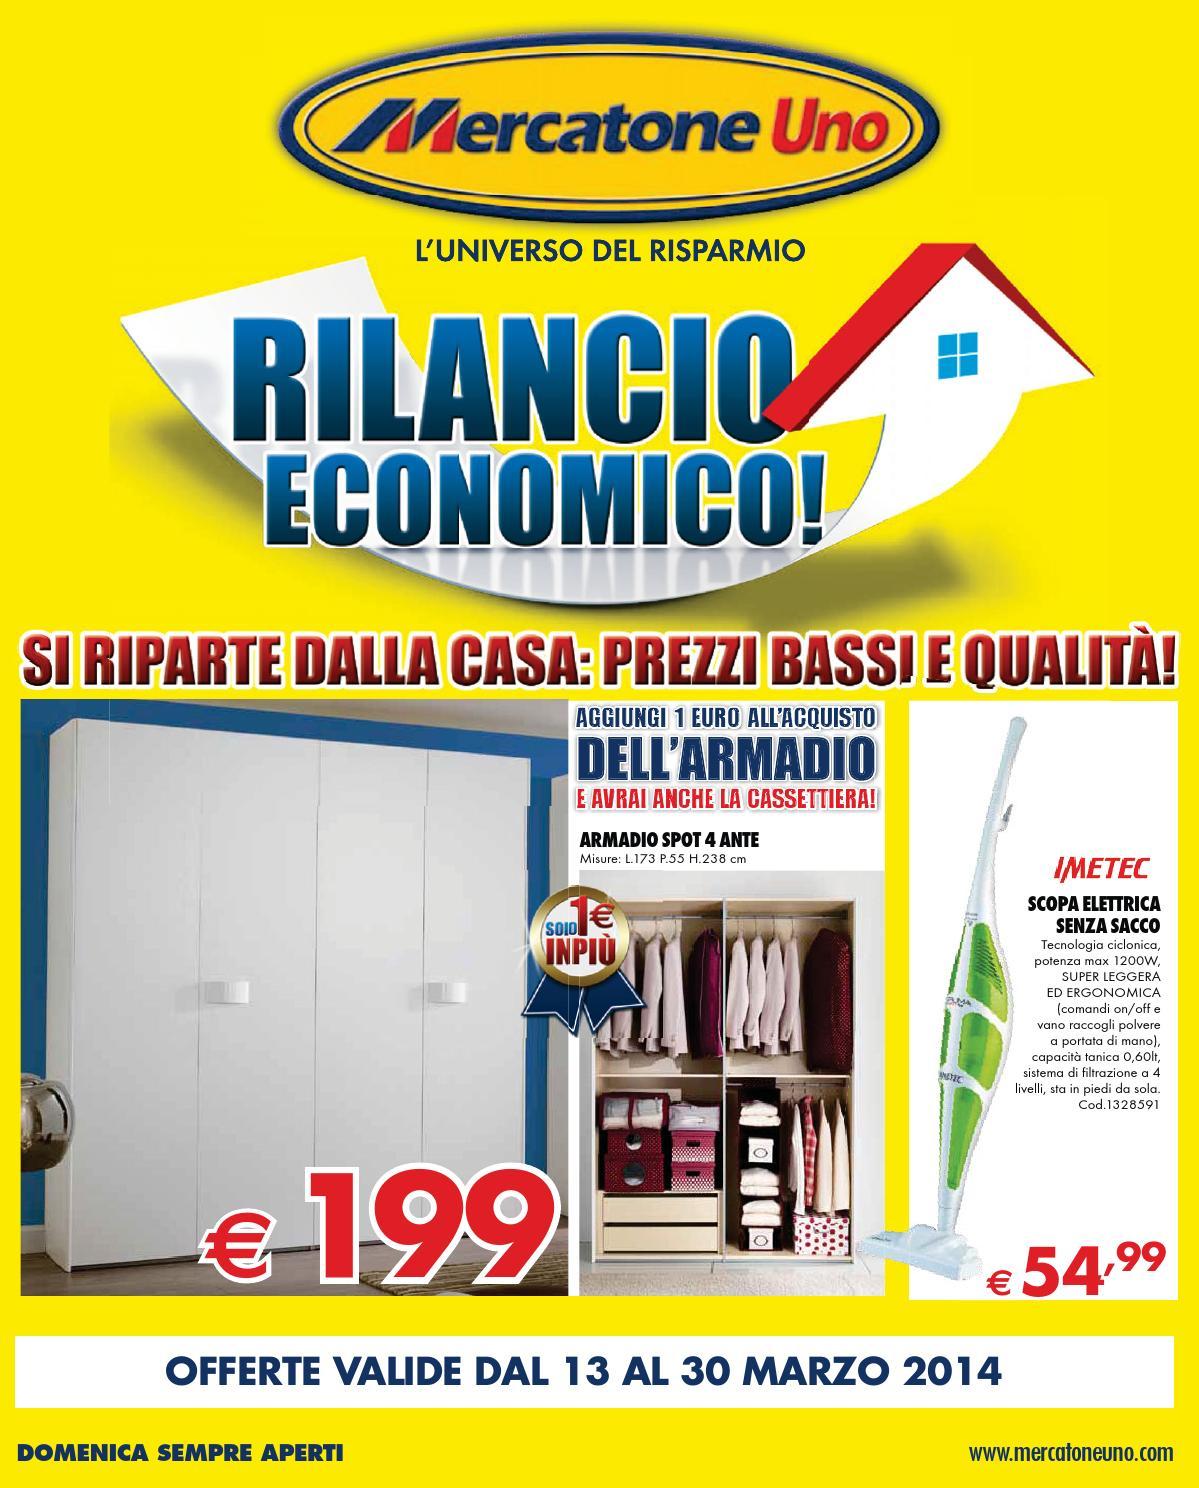 Armadio 2 Ante Mercatone Uno.Mercatone Uno Rilancio Economico By Mobilpro Issuu